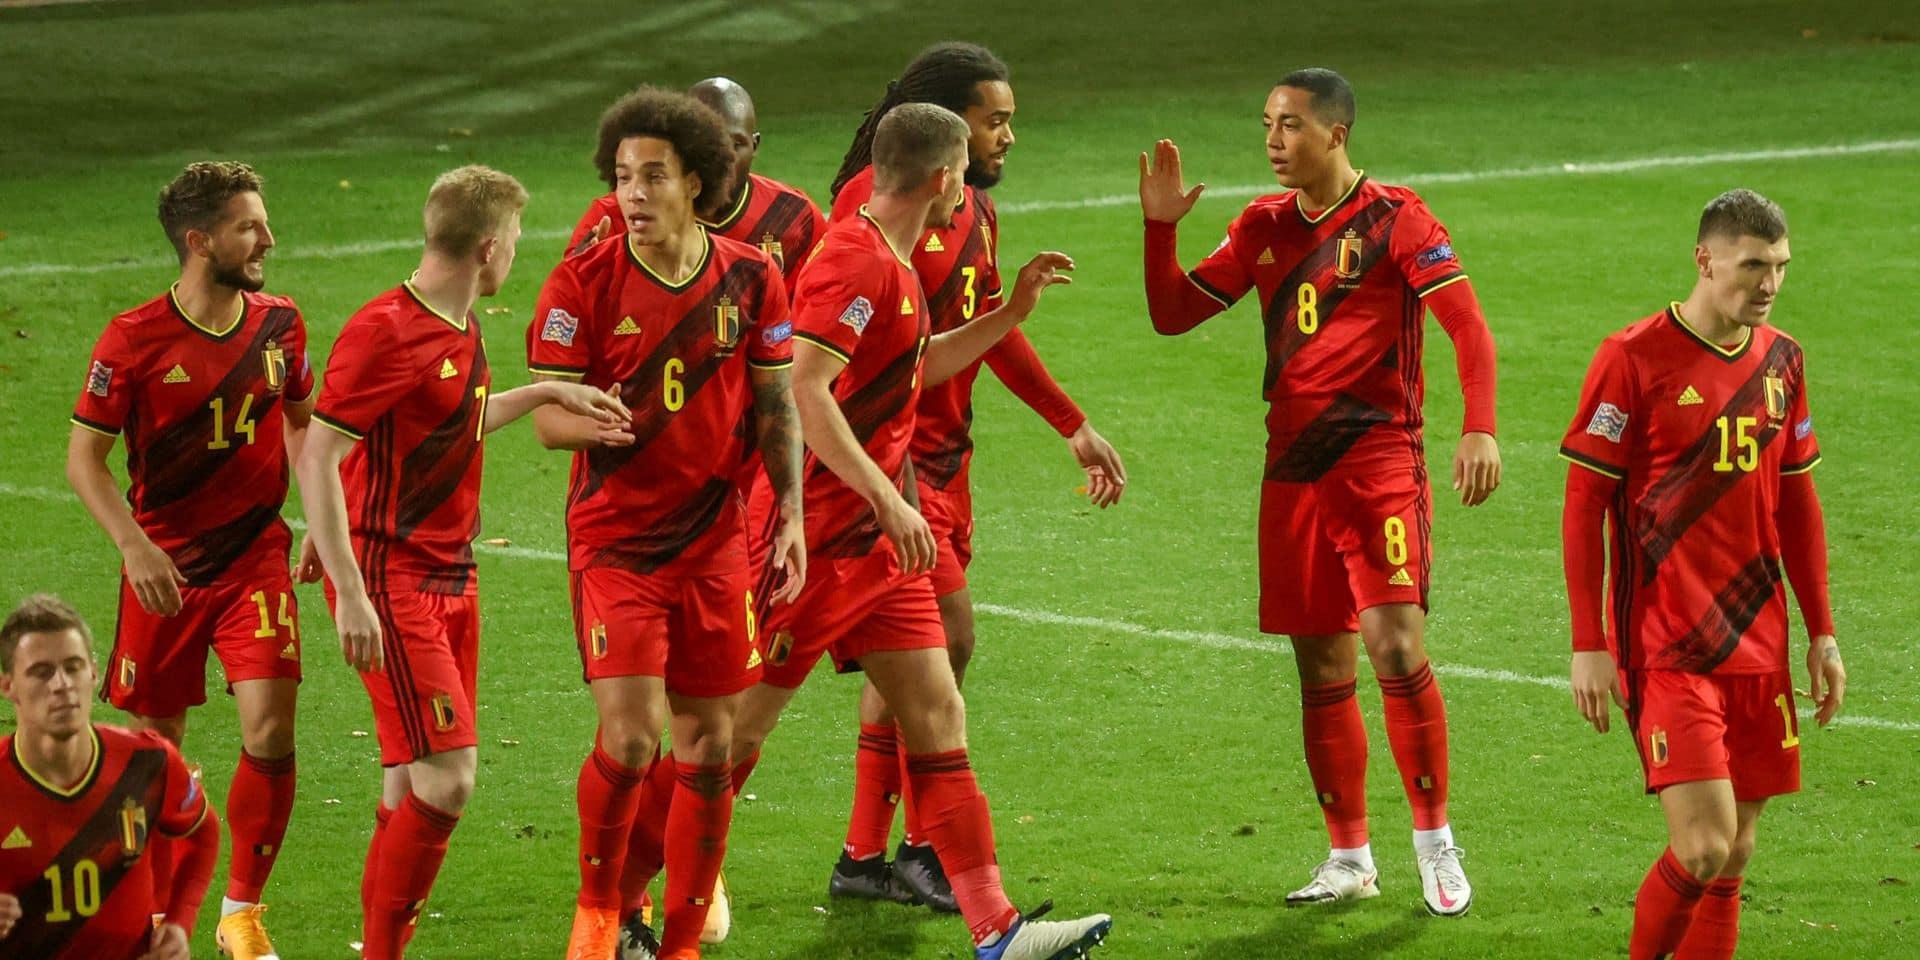 Pour ses 125 ans, l'Union belge cherche la meilleure équipe de tous les temps: à vous de voter pour vos meilleurs Diables Rouges !